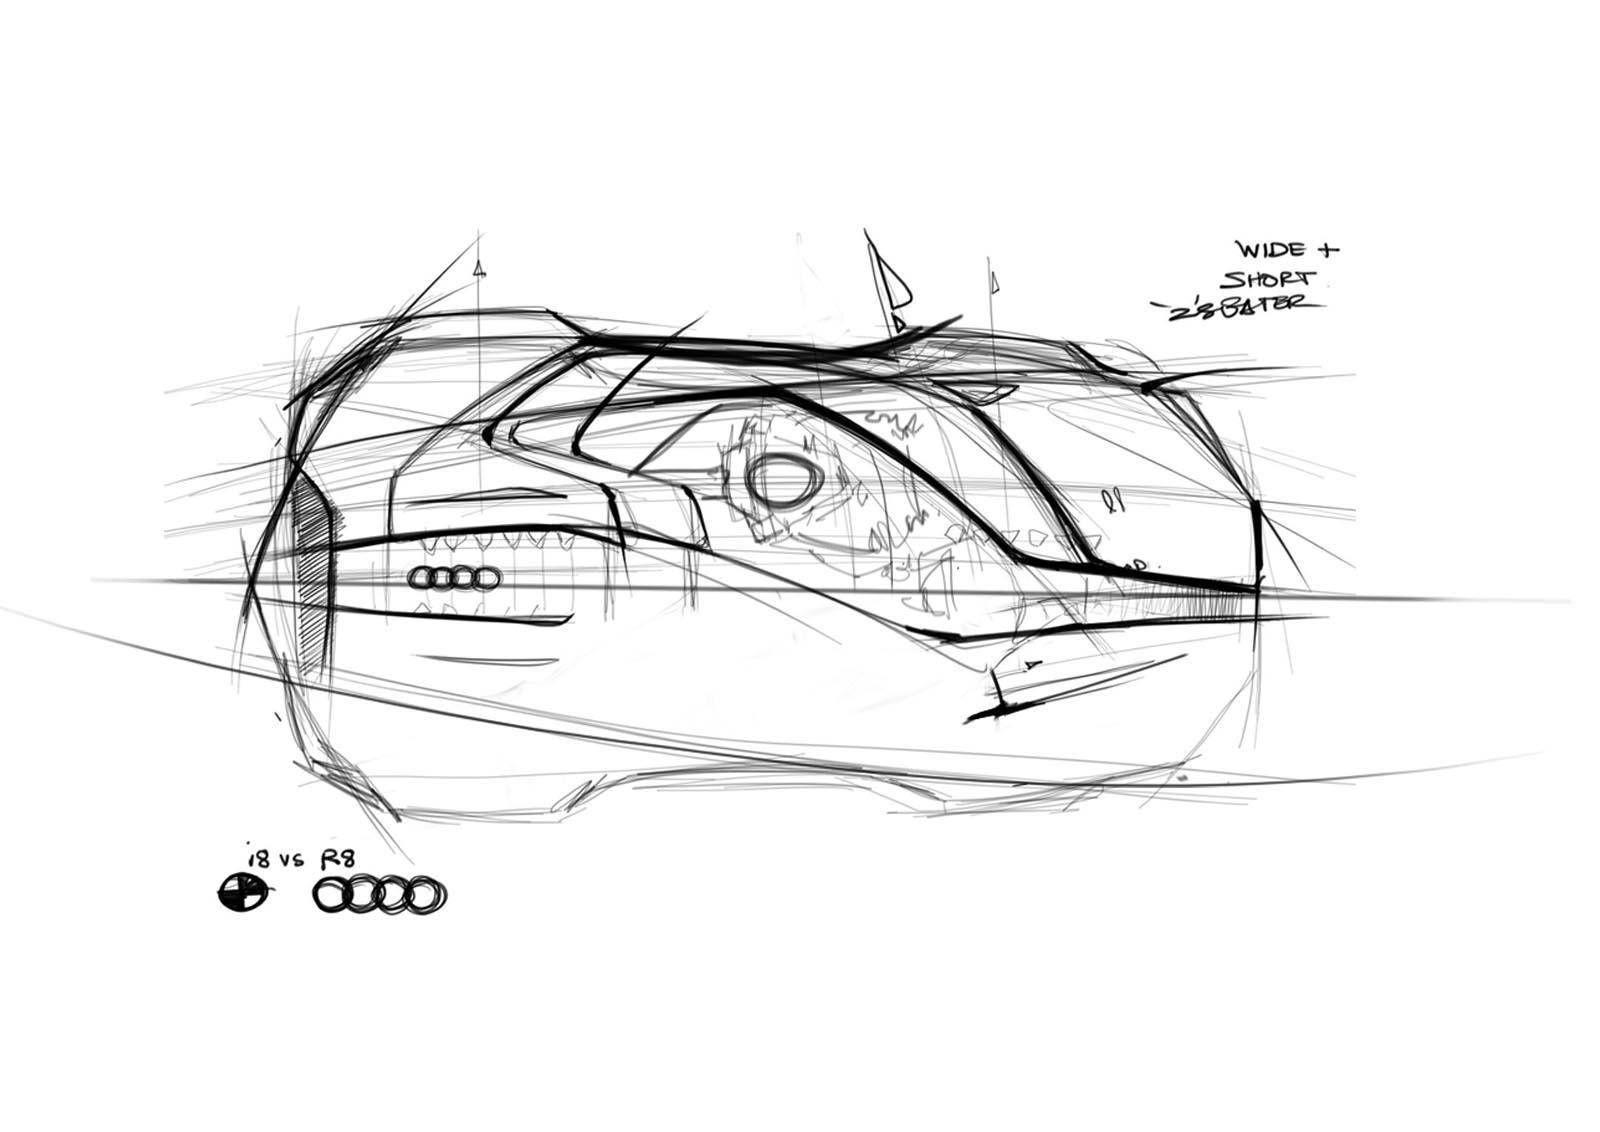 Arunkumar Francis Bmw I8 Vs Audi R8